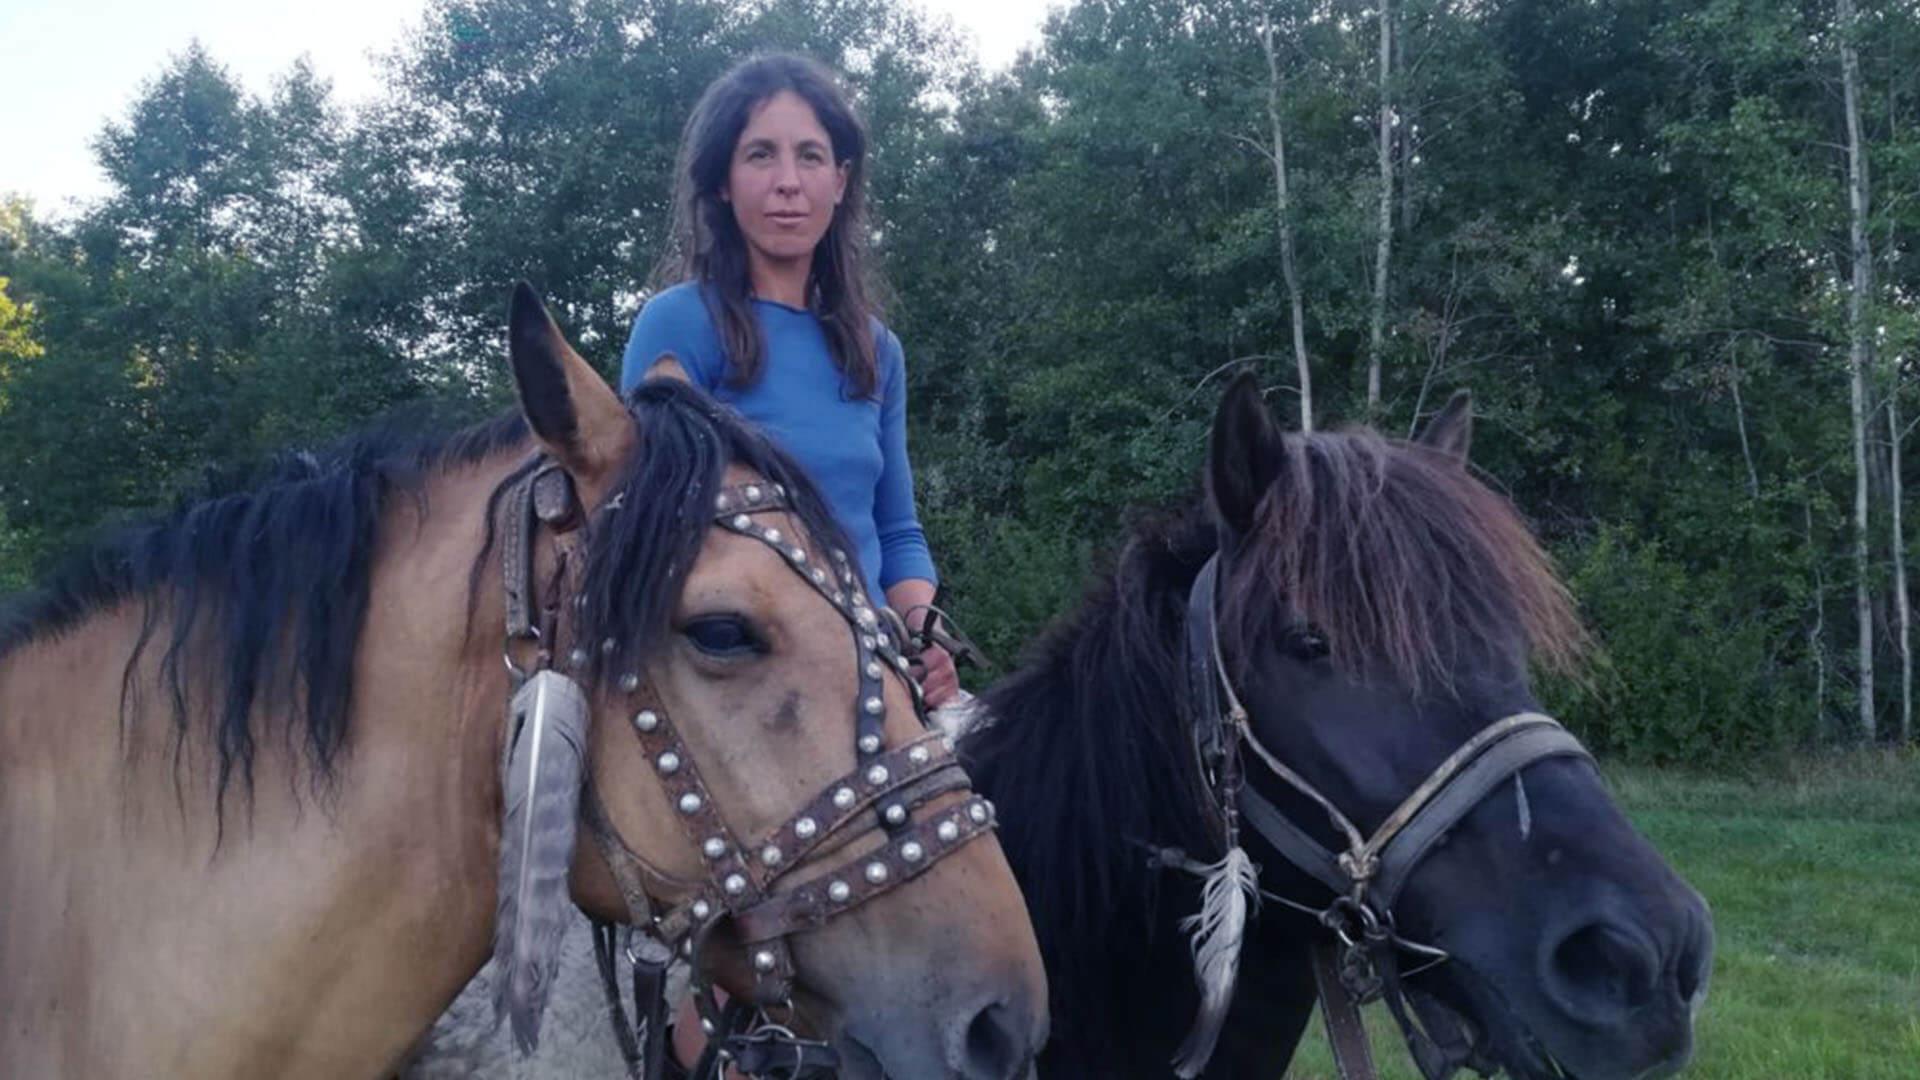 Viaggiare a cavallo è la passione di Paola Giacomini